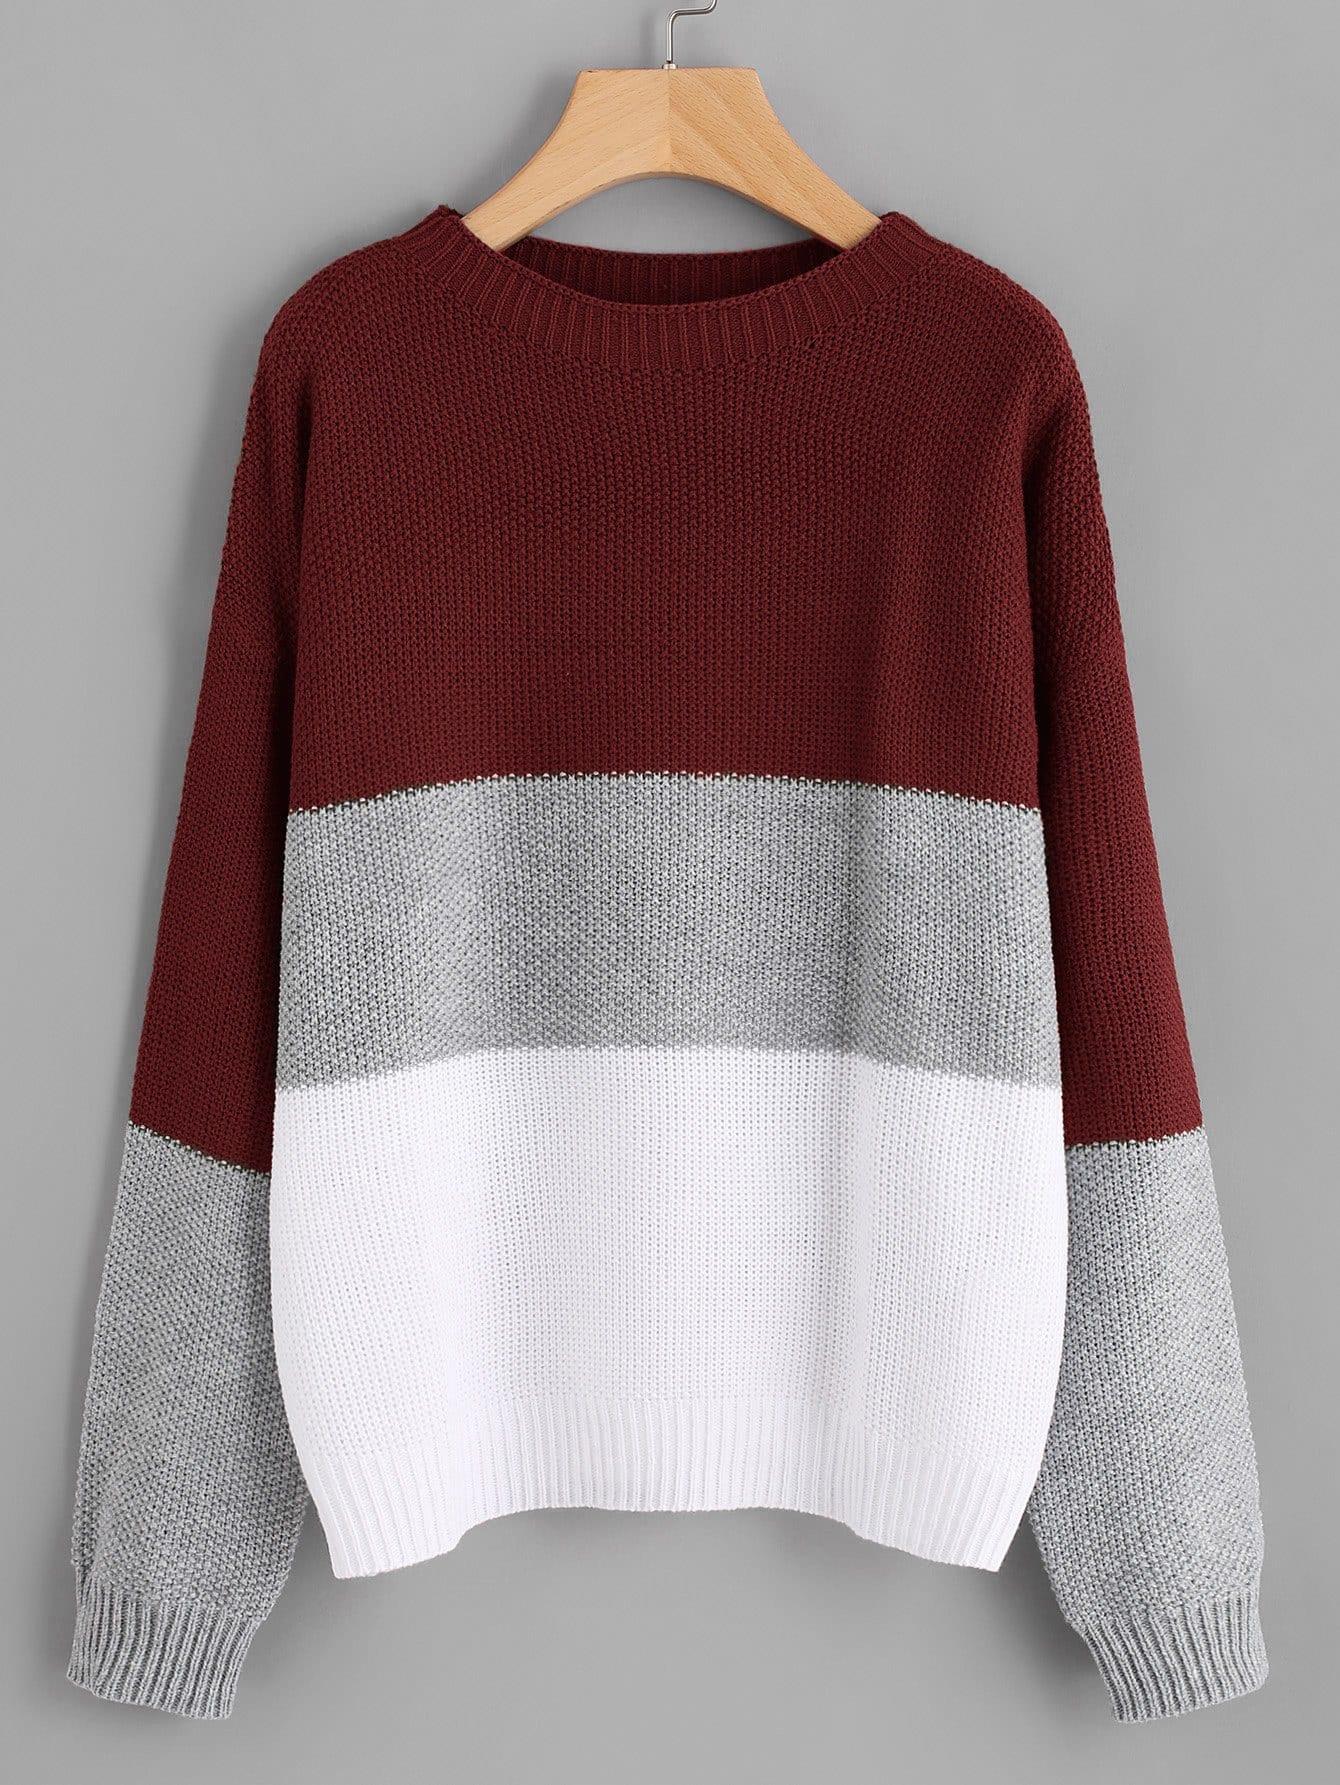 Фото - Плюс размеры контрастный свитер с круглым вырезом от SheIn цвет многихцветные